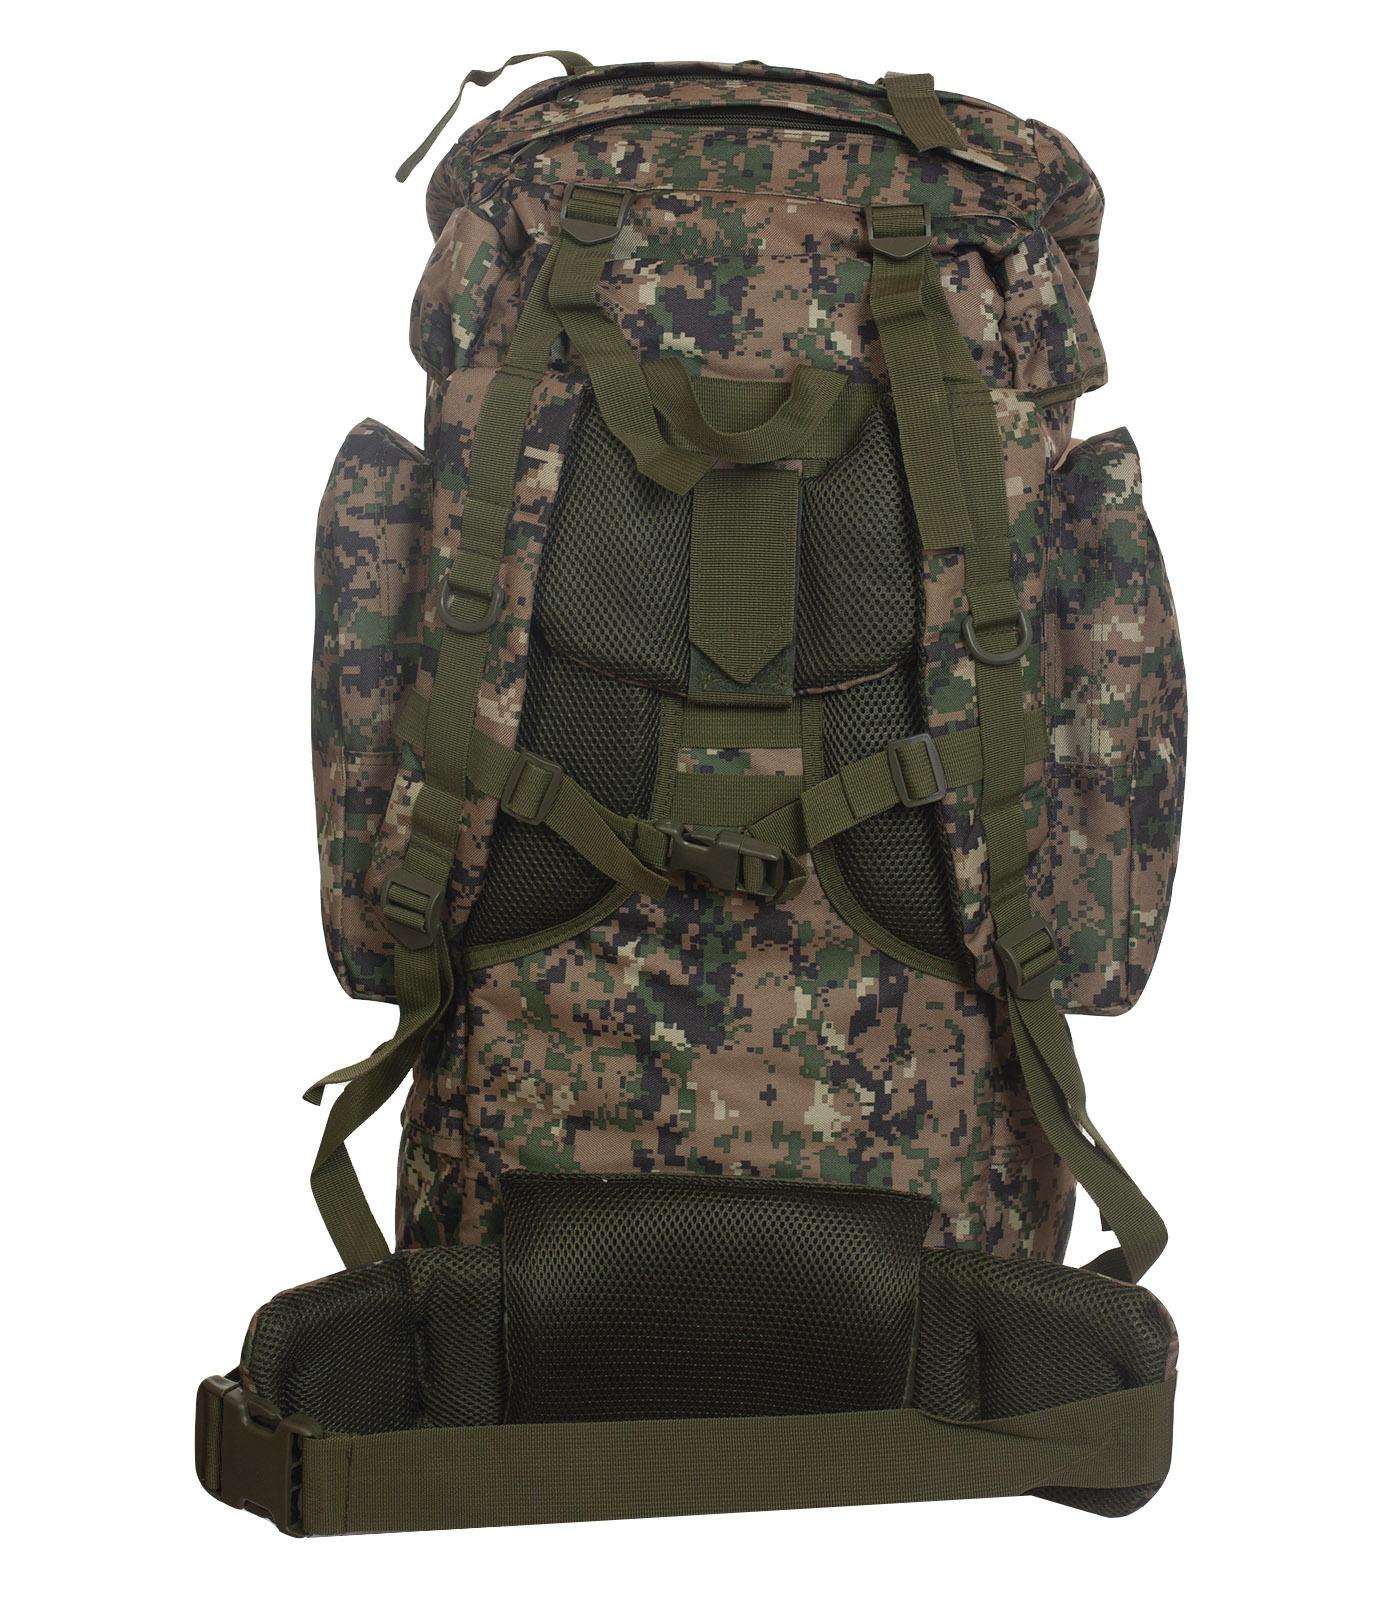 Большой рюкзак для мужчин камуфляжа Digital Woodland с доставкой по России